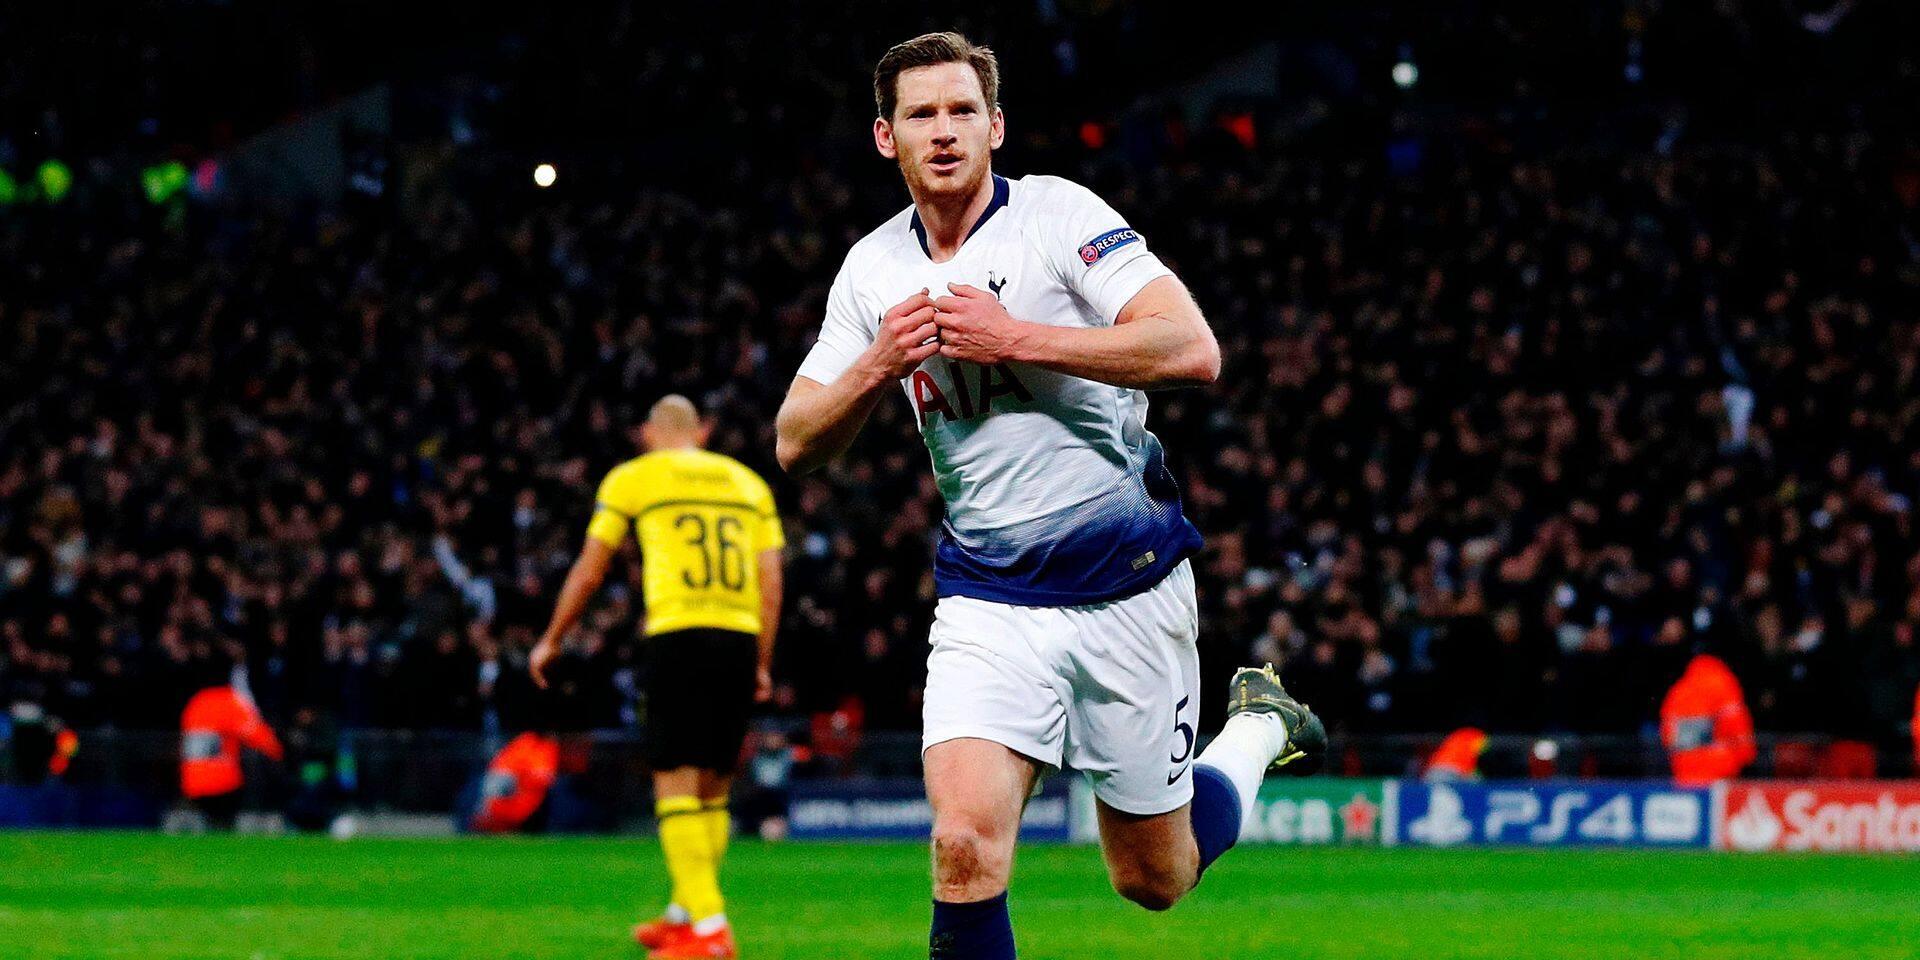 Ligue des Champions: un grand Vertonghen et Tottenham lavent l'honneur anglais